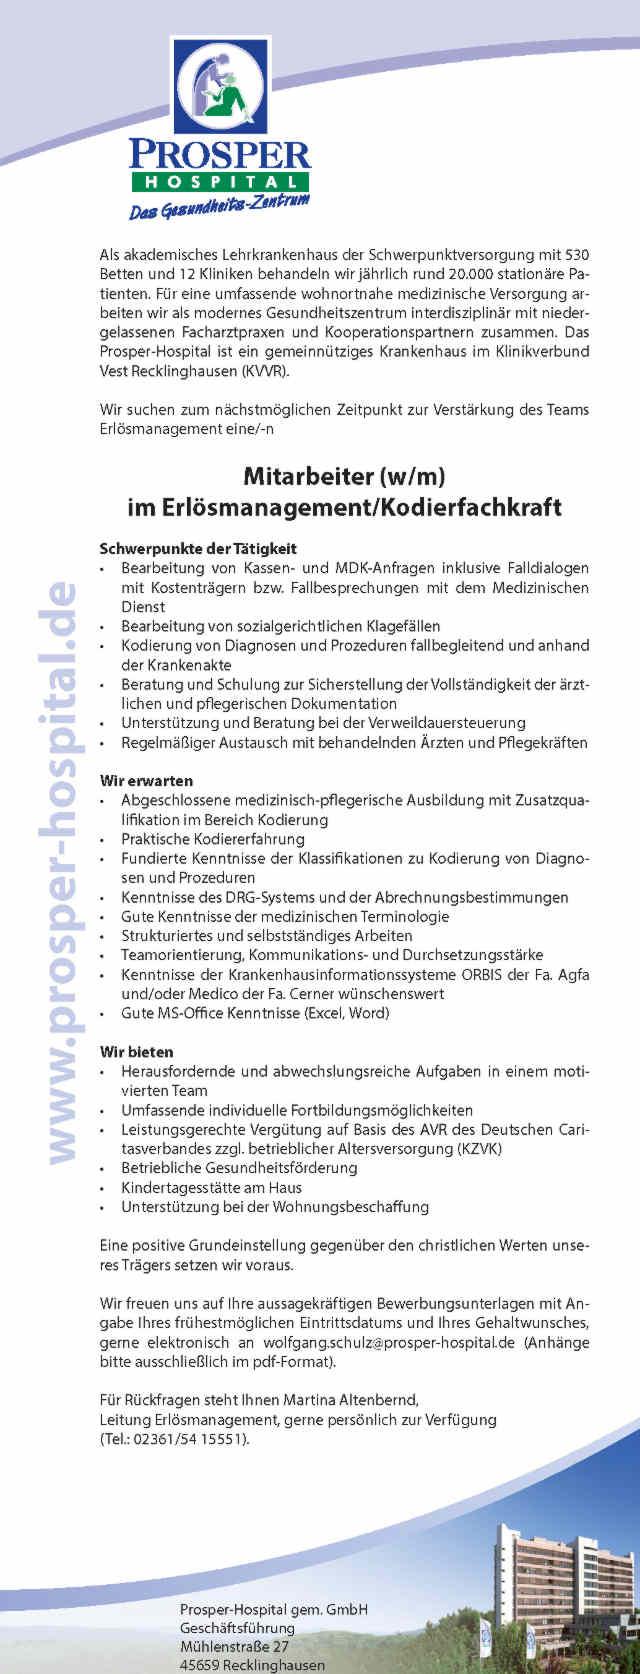 Prosper-Hospital Recklinghausen gGmbH: Mitarbeiter im Erlüsmanagement / Kodierfachkraft (w/m)